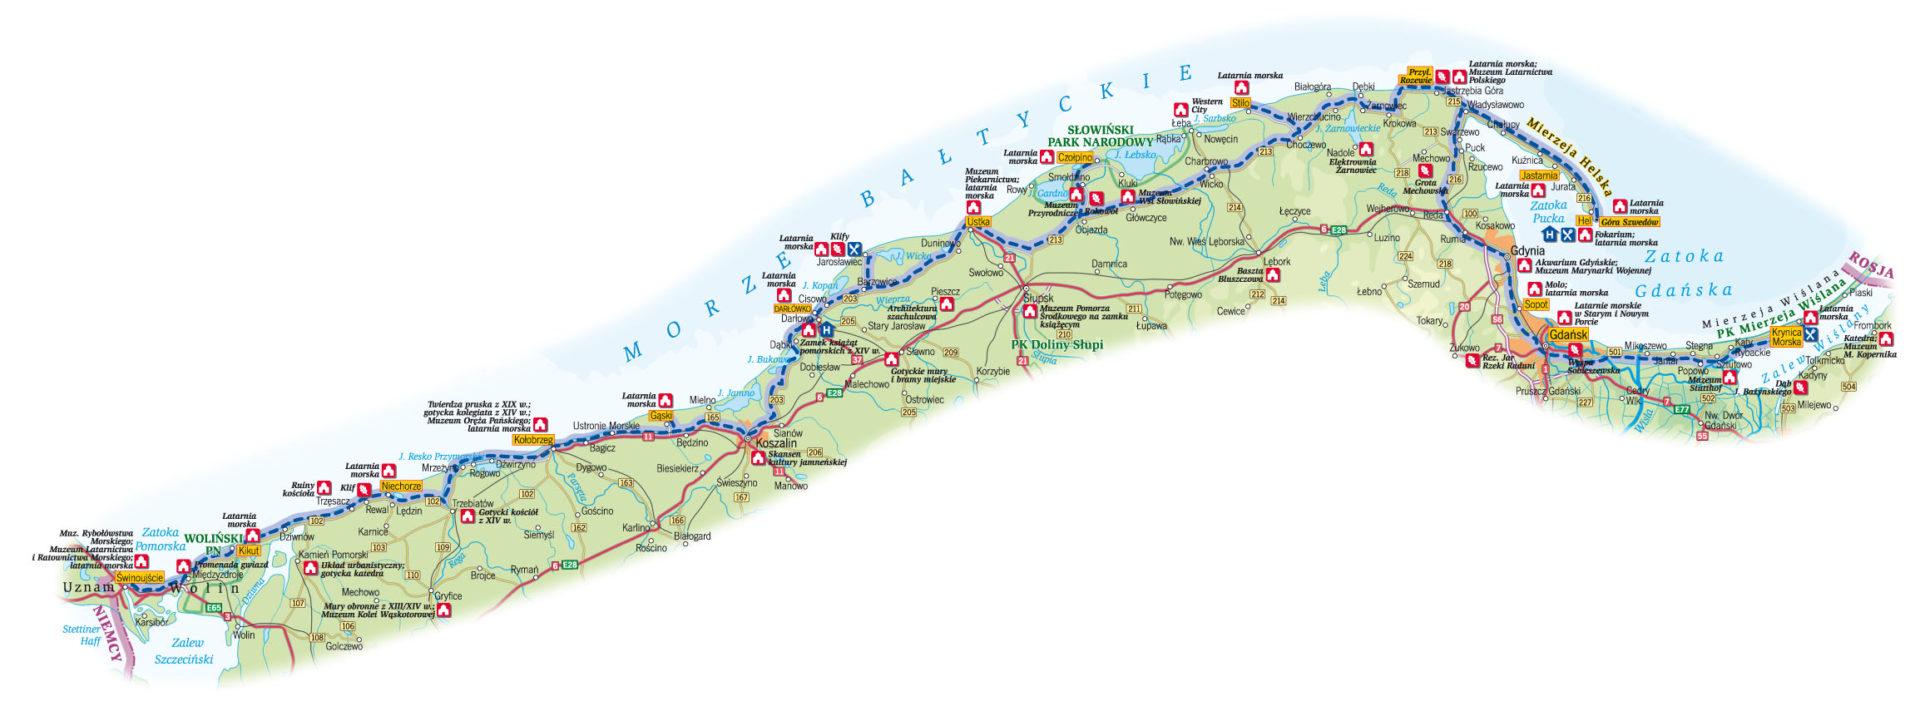 Rowerowy szlak latarń morskich - polskie wybrzeże - mapka